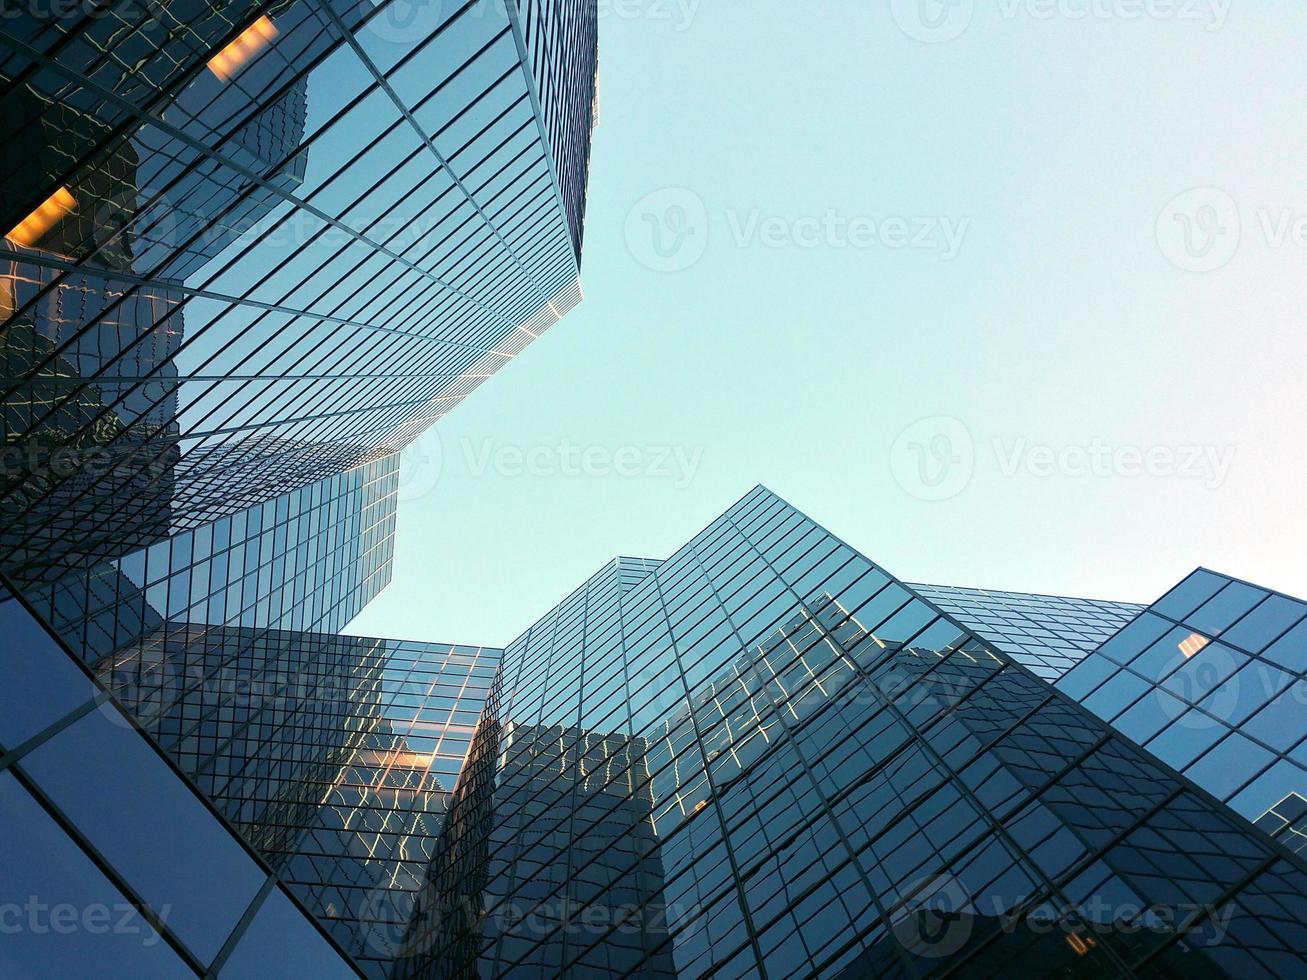 affärsdistrikt byggnader foto